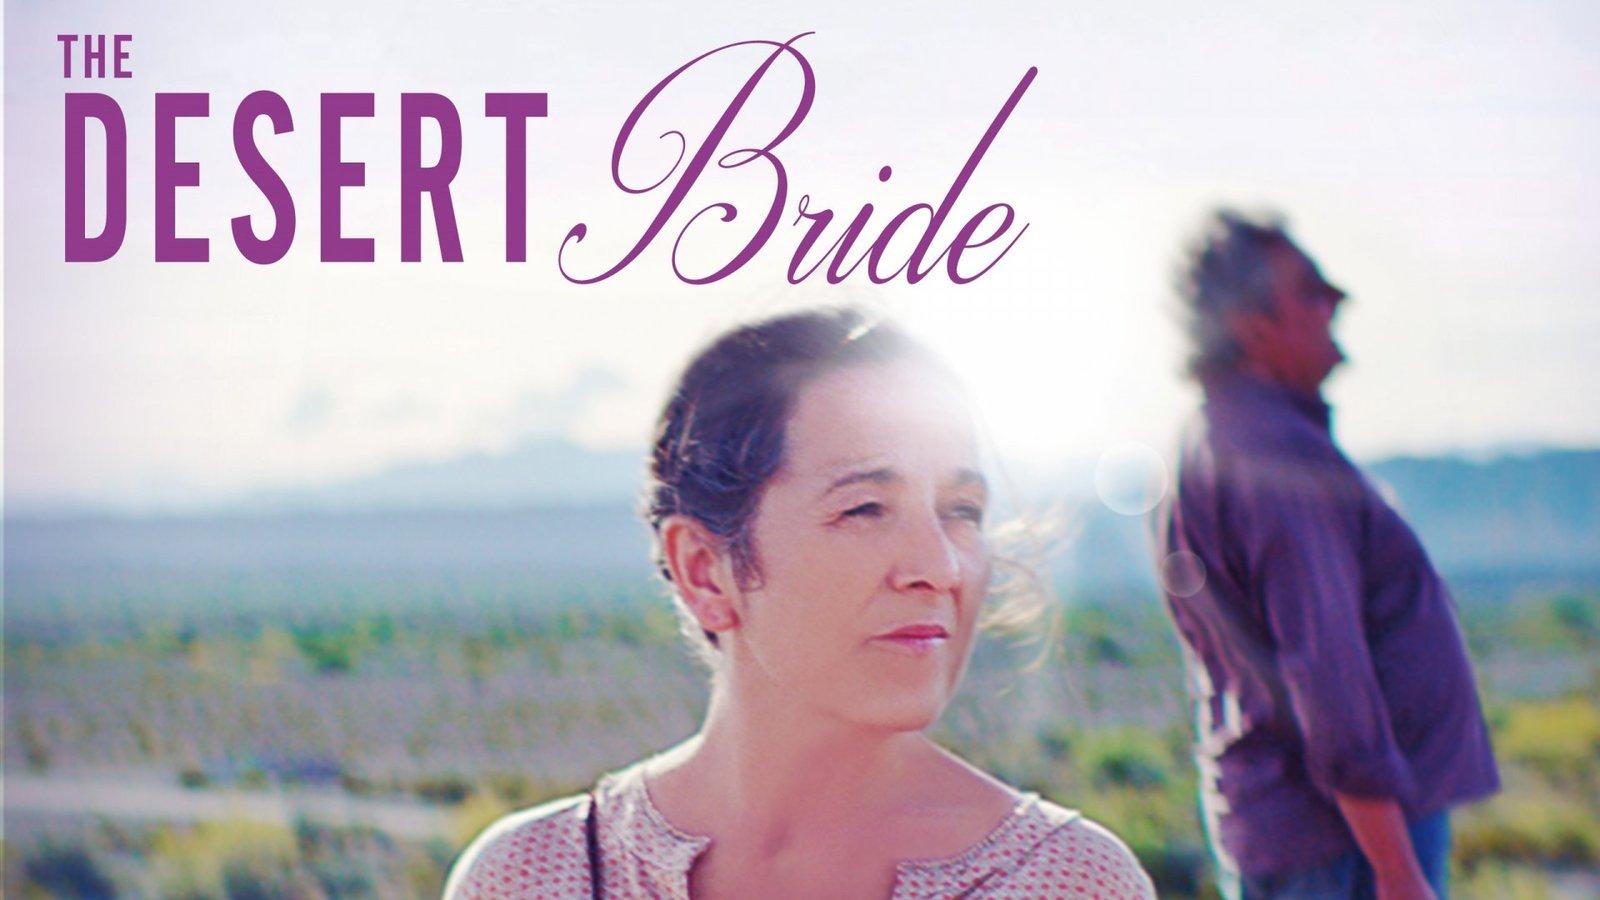 The Desert Bride - La Novia del Desierto